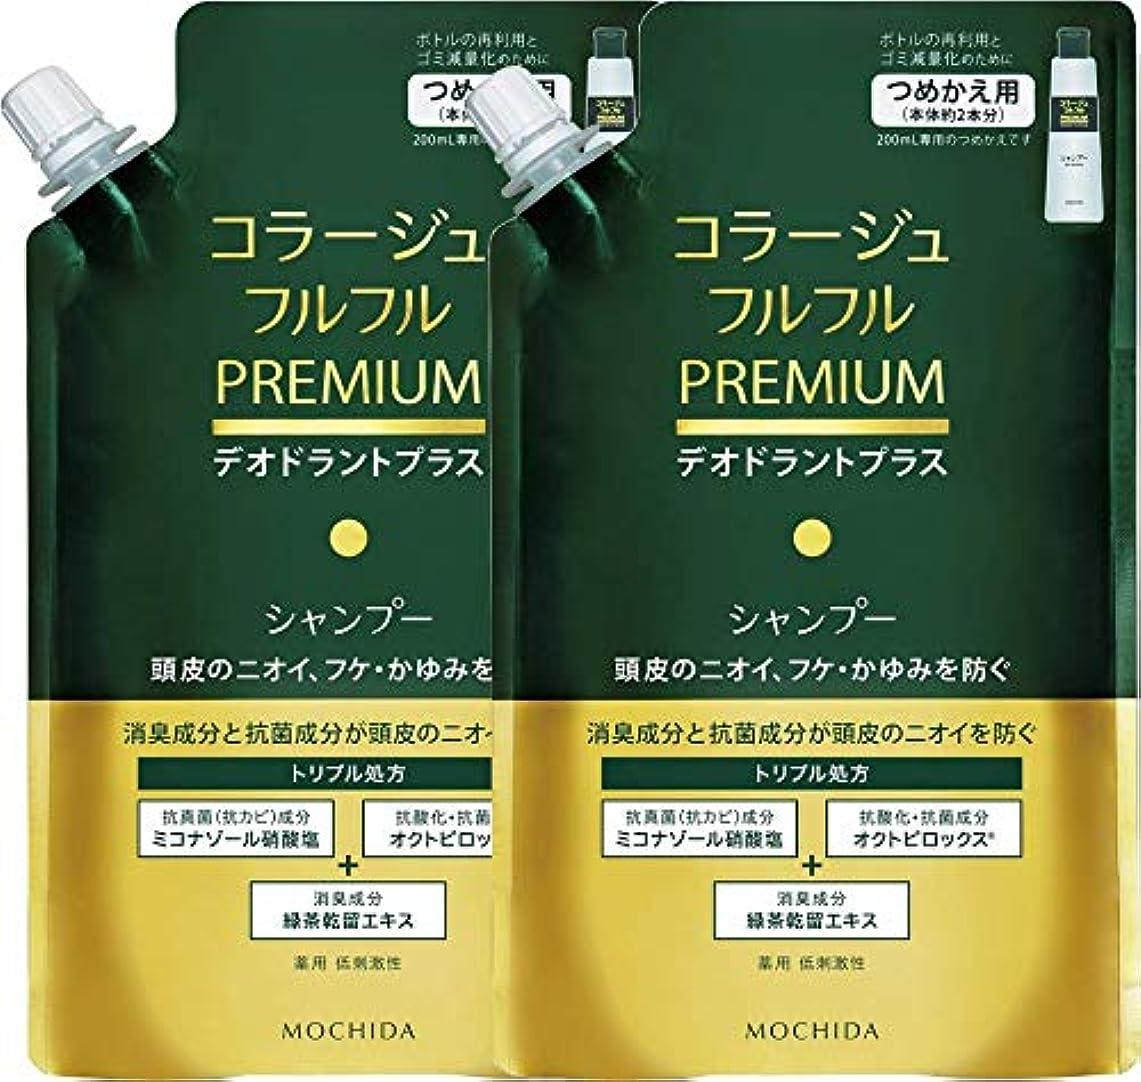 大臣緑ジュース【2個セット】コラージュフルフルプレミアムシャンプー つめかえ用 340ml